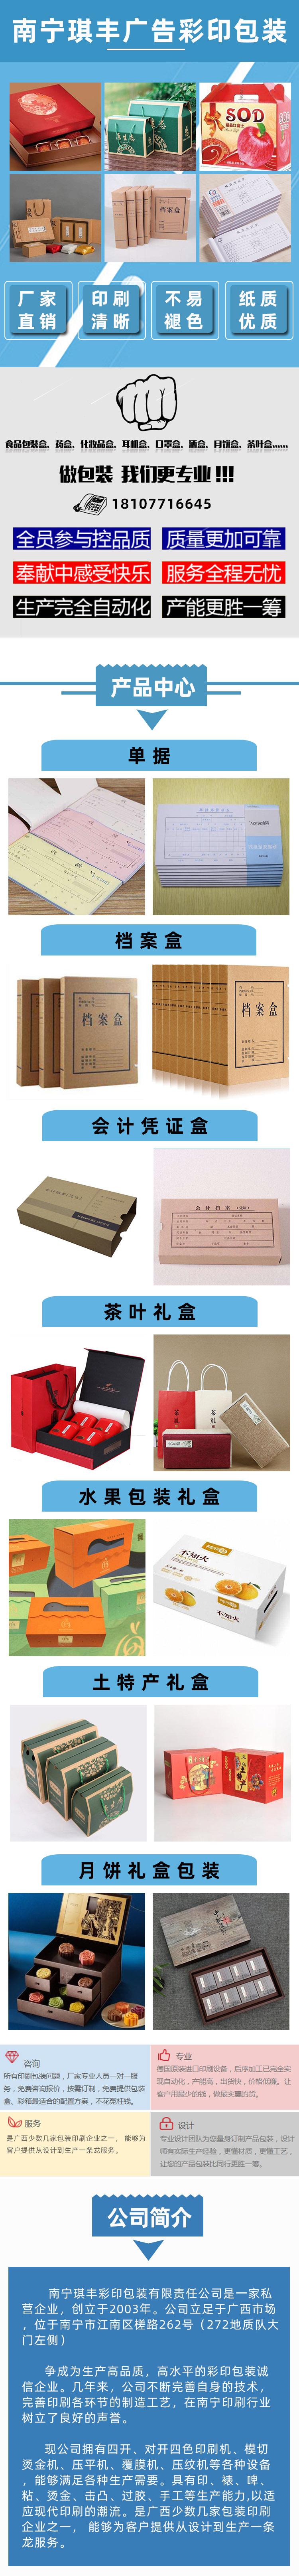 1021南宁琪丰广告彩印包装.jpg